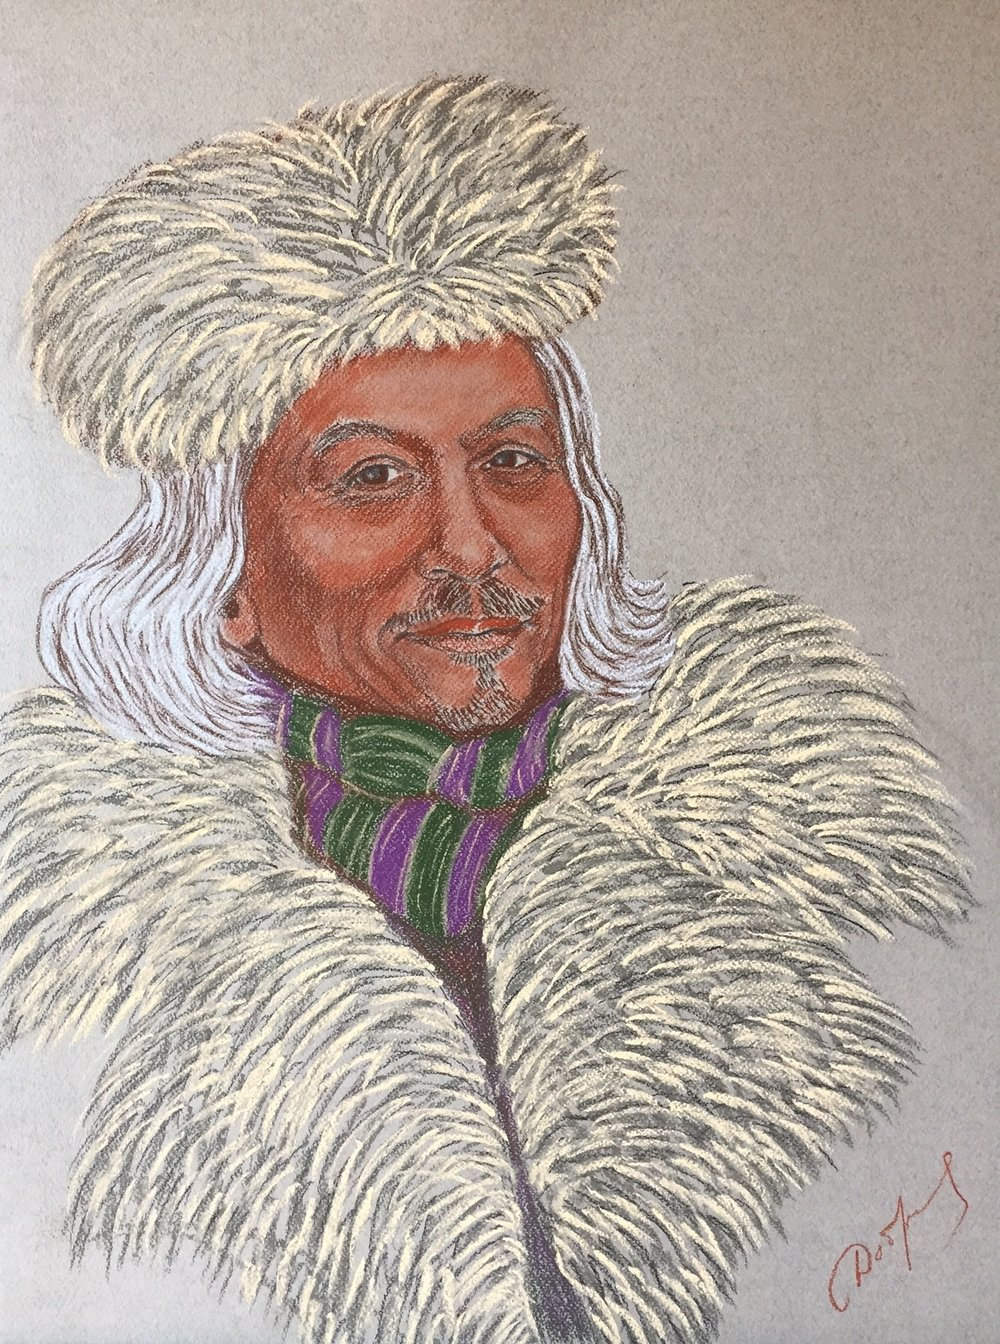 Portrait of Ole Jorgen Hammeken, famous Polar explorer